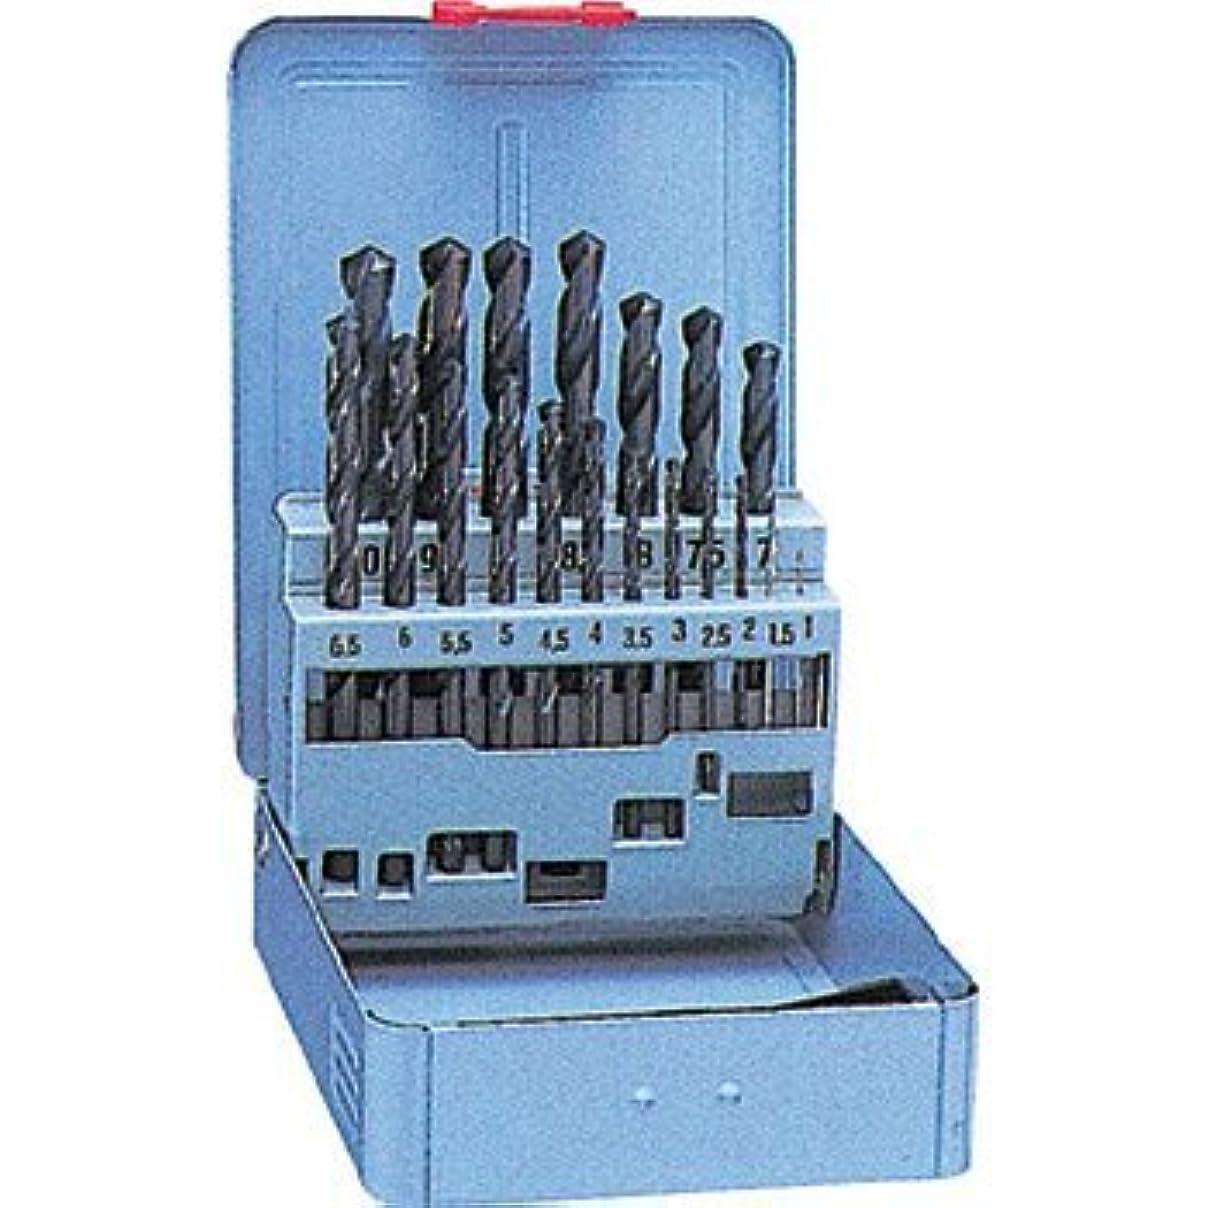 支配的理容室未亡人ナチ(NACHI) 鉄工用ドリル 19本セット (金属?金工)